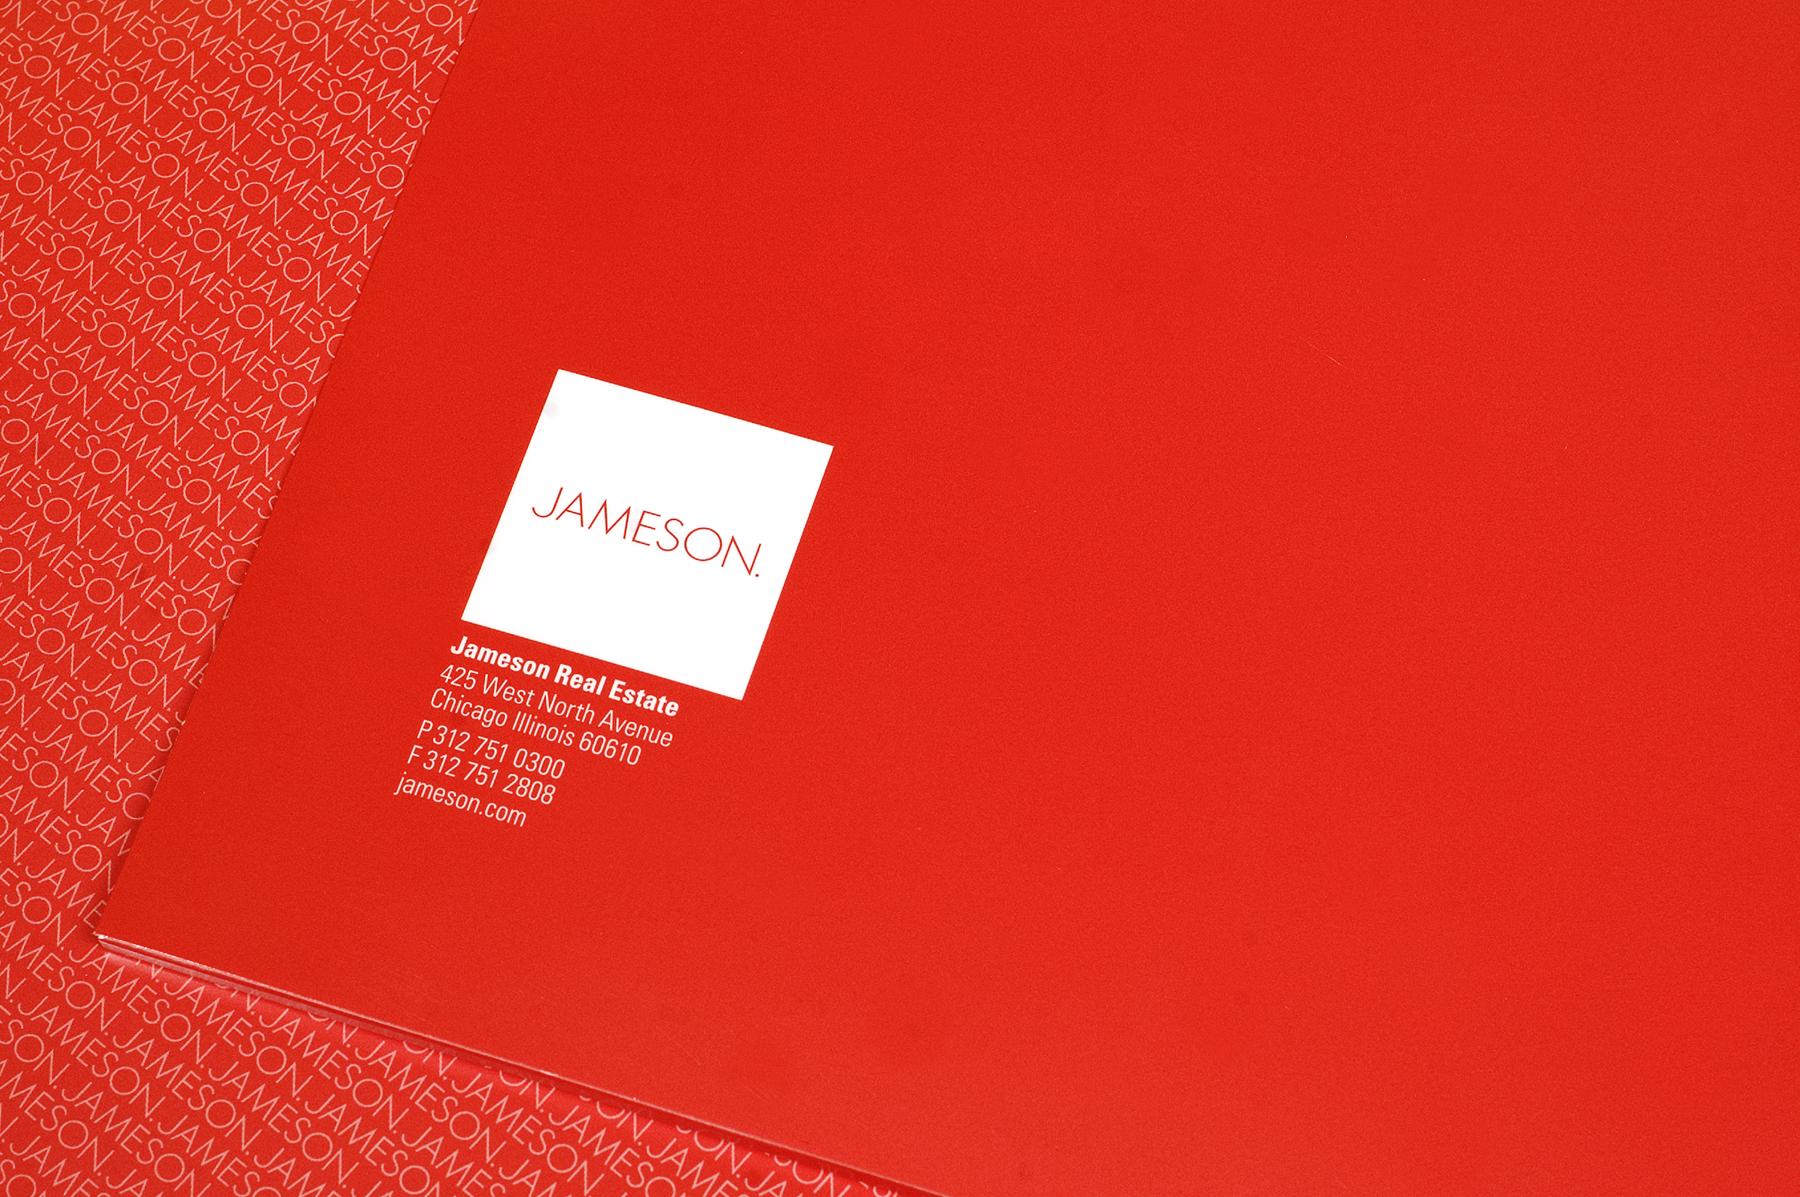 jameson_Folder4_8bit.jpg